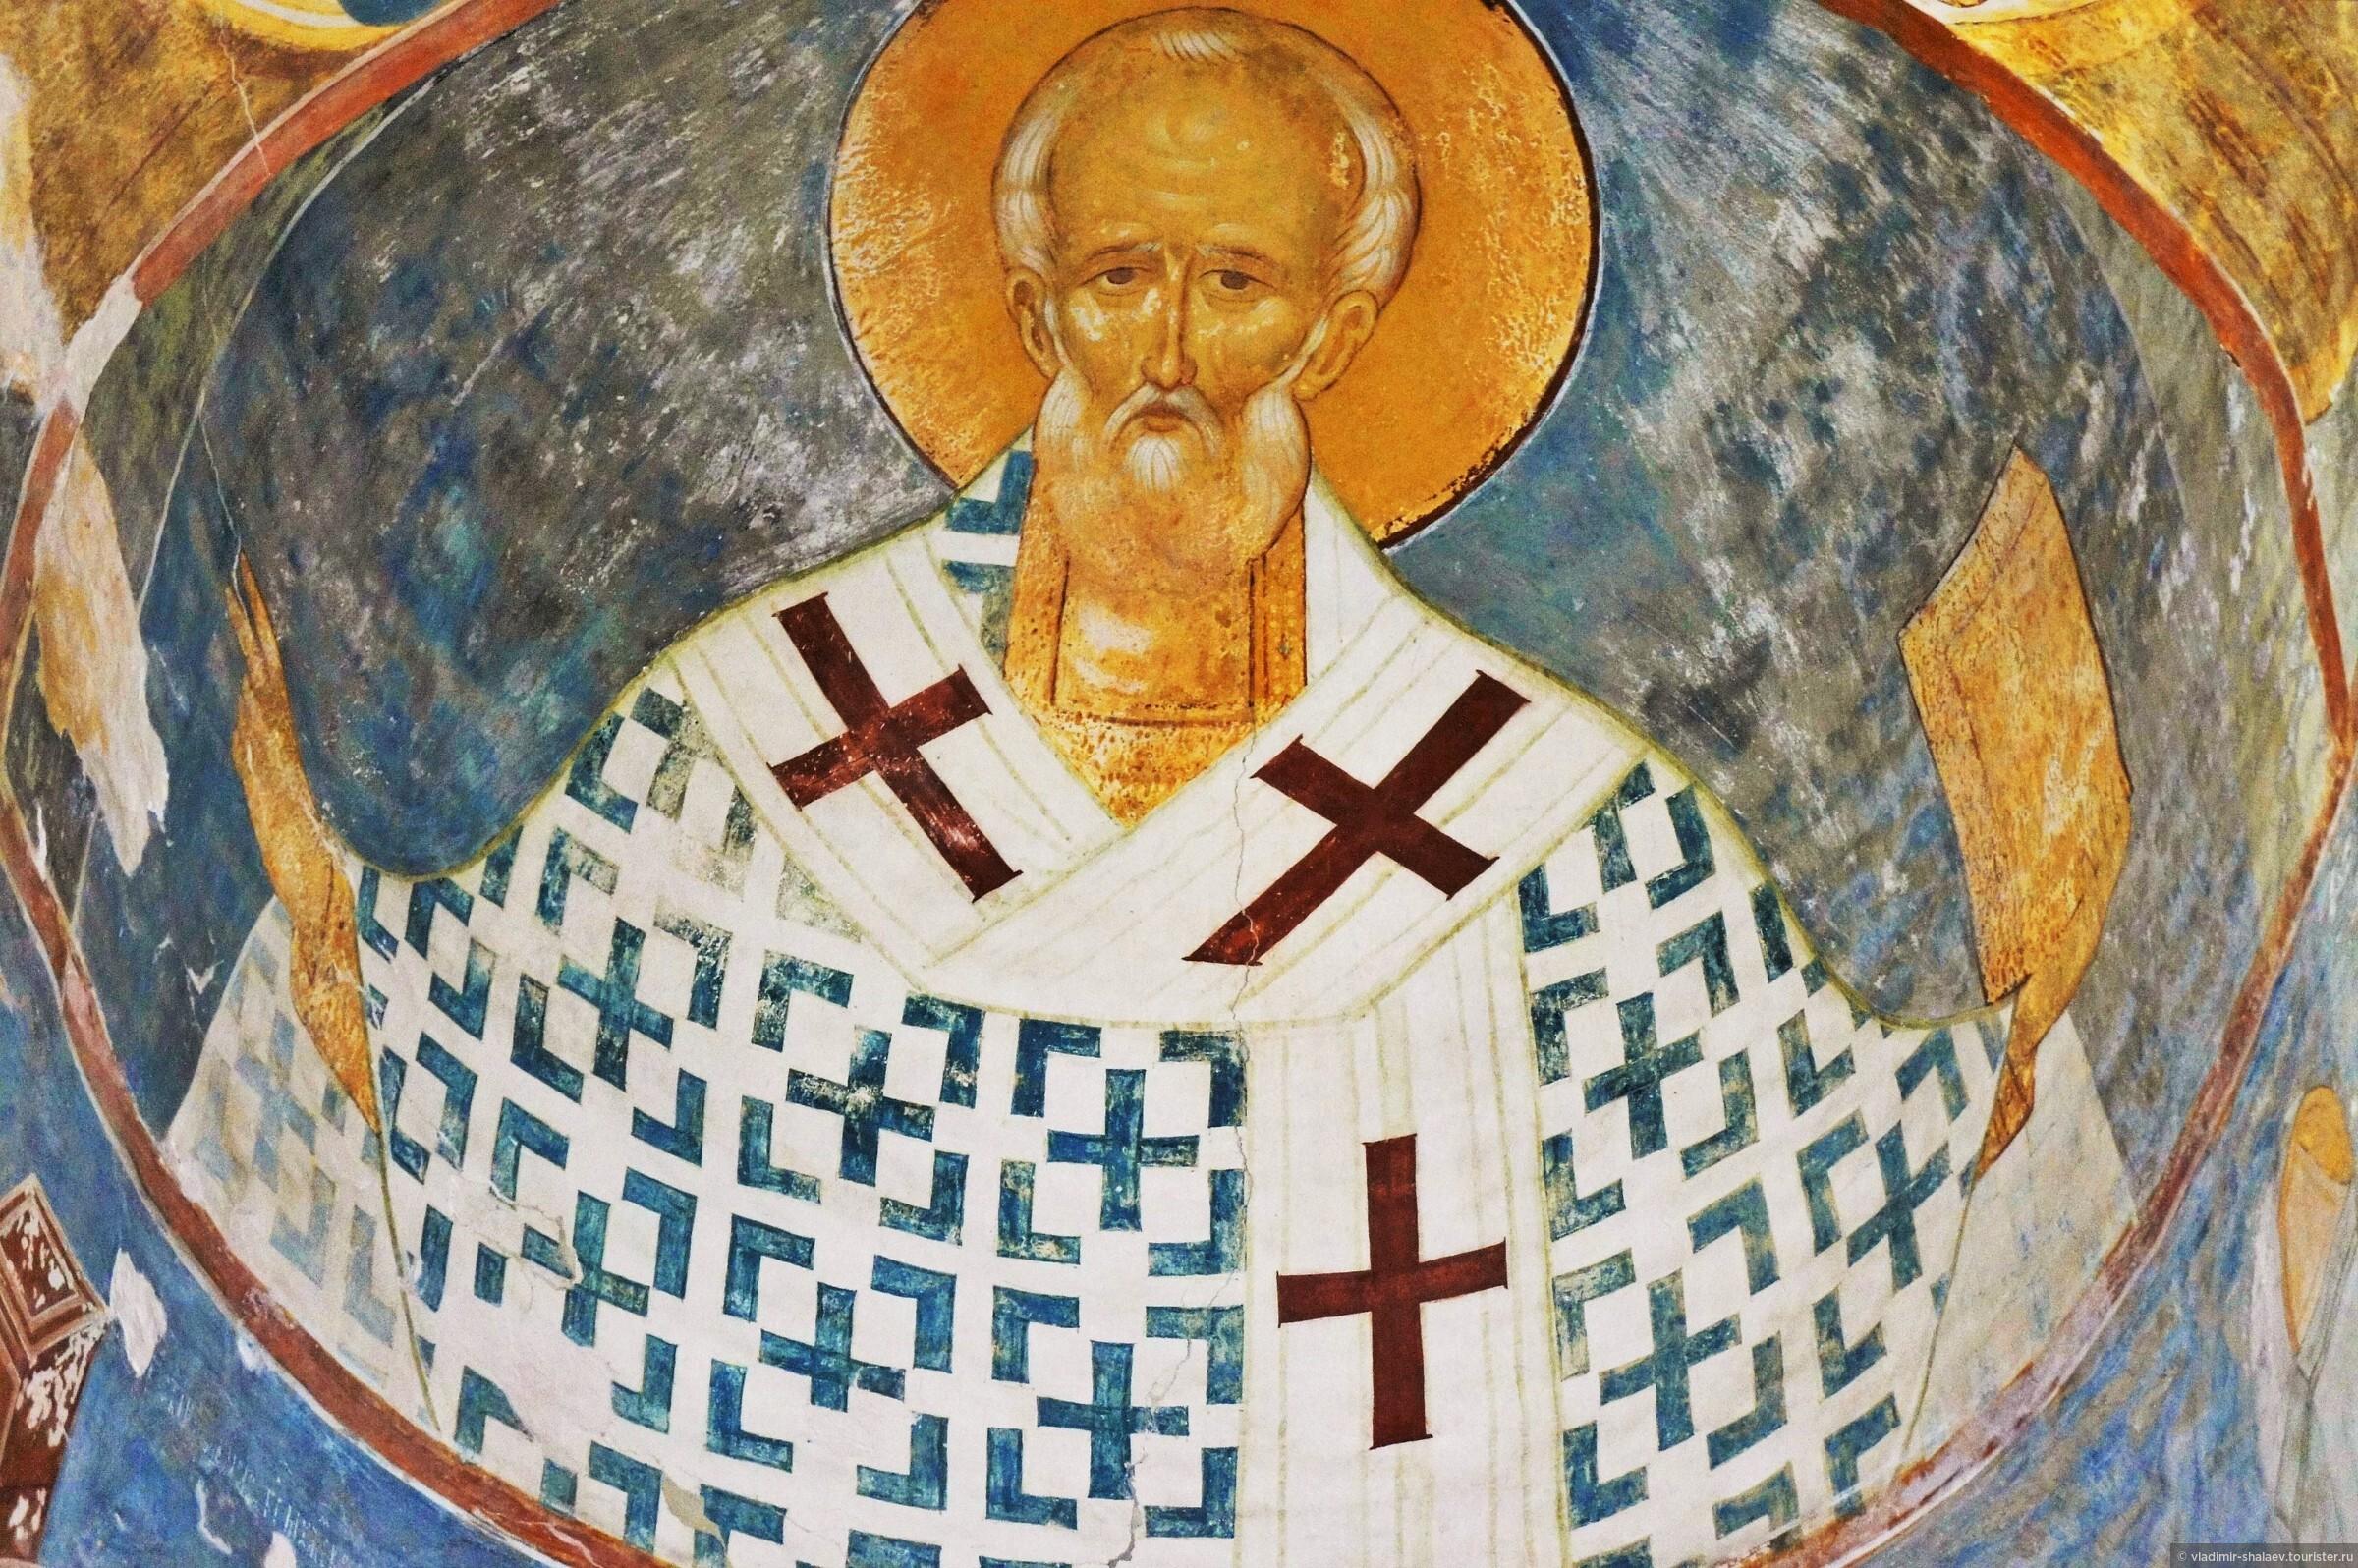 Ферапонтов монастырь с фресками Дионисия